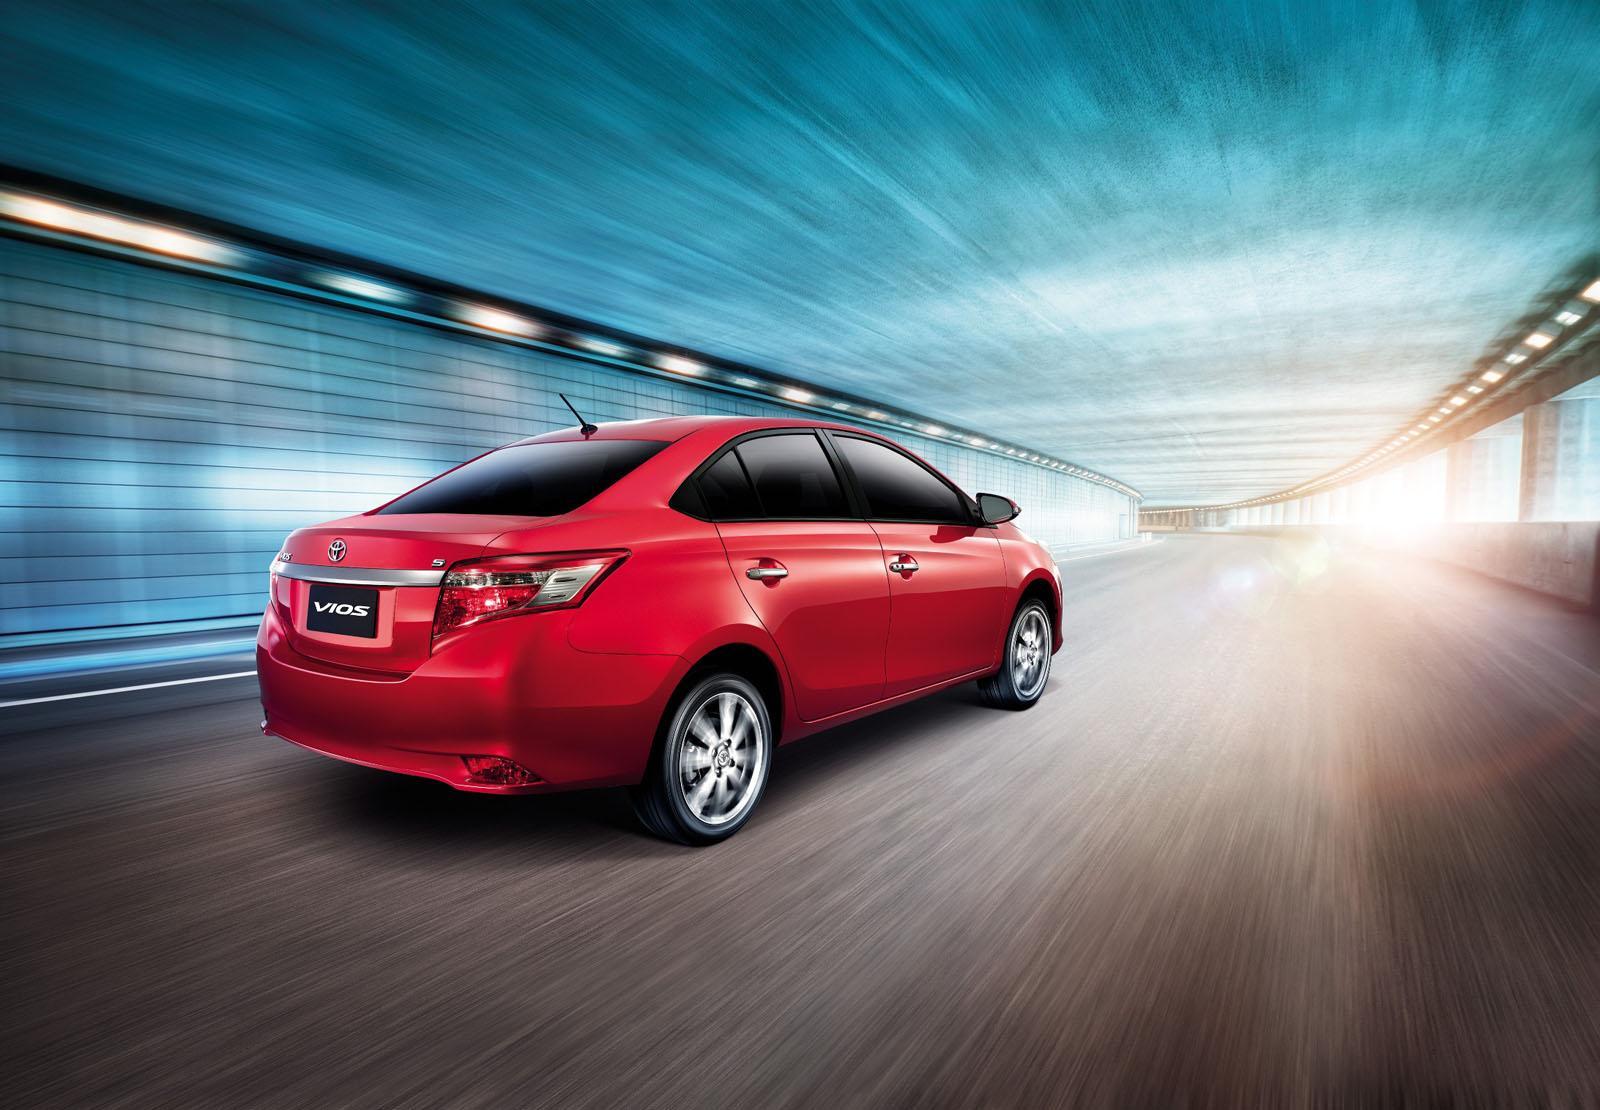 novo Toyota Vios 2014 traseira 2